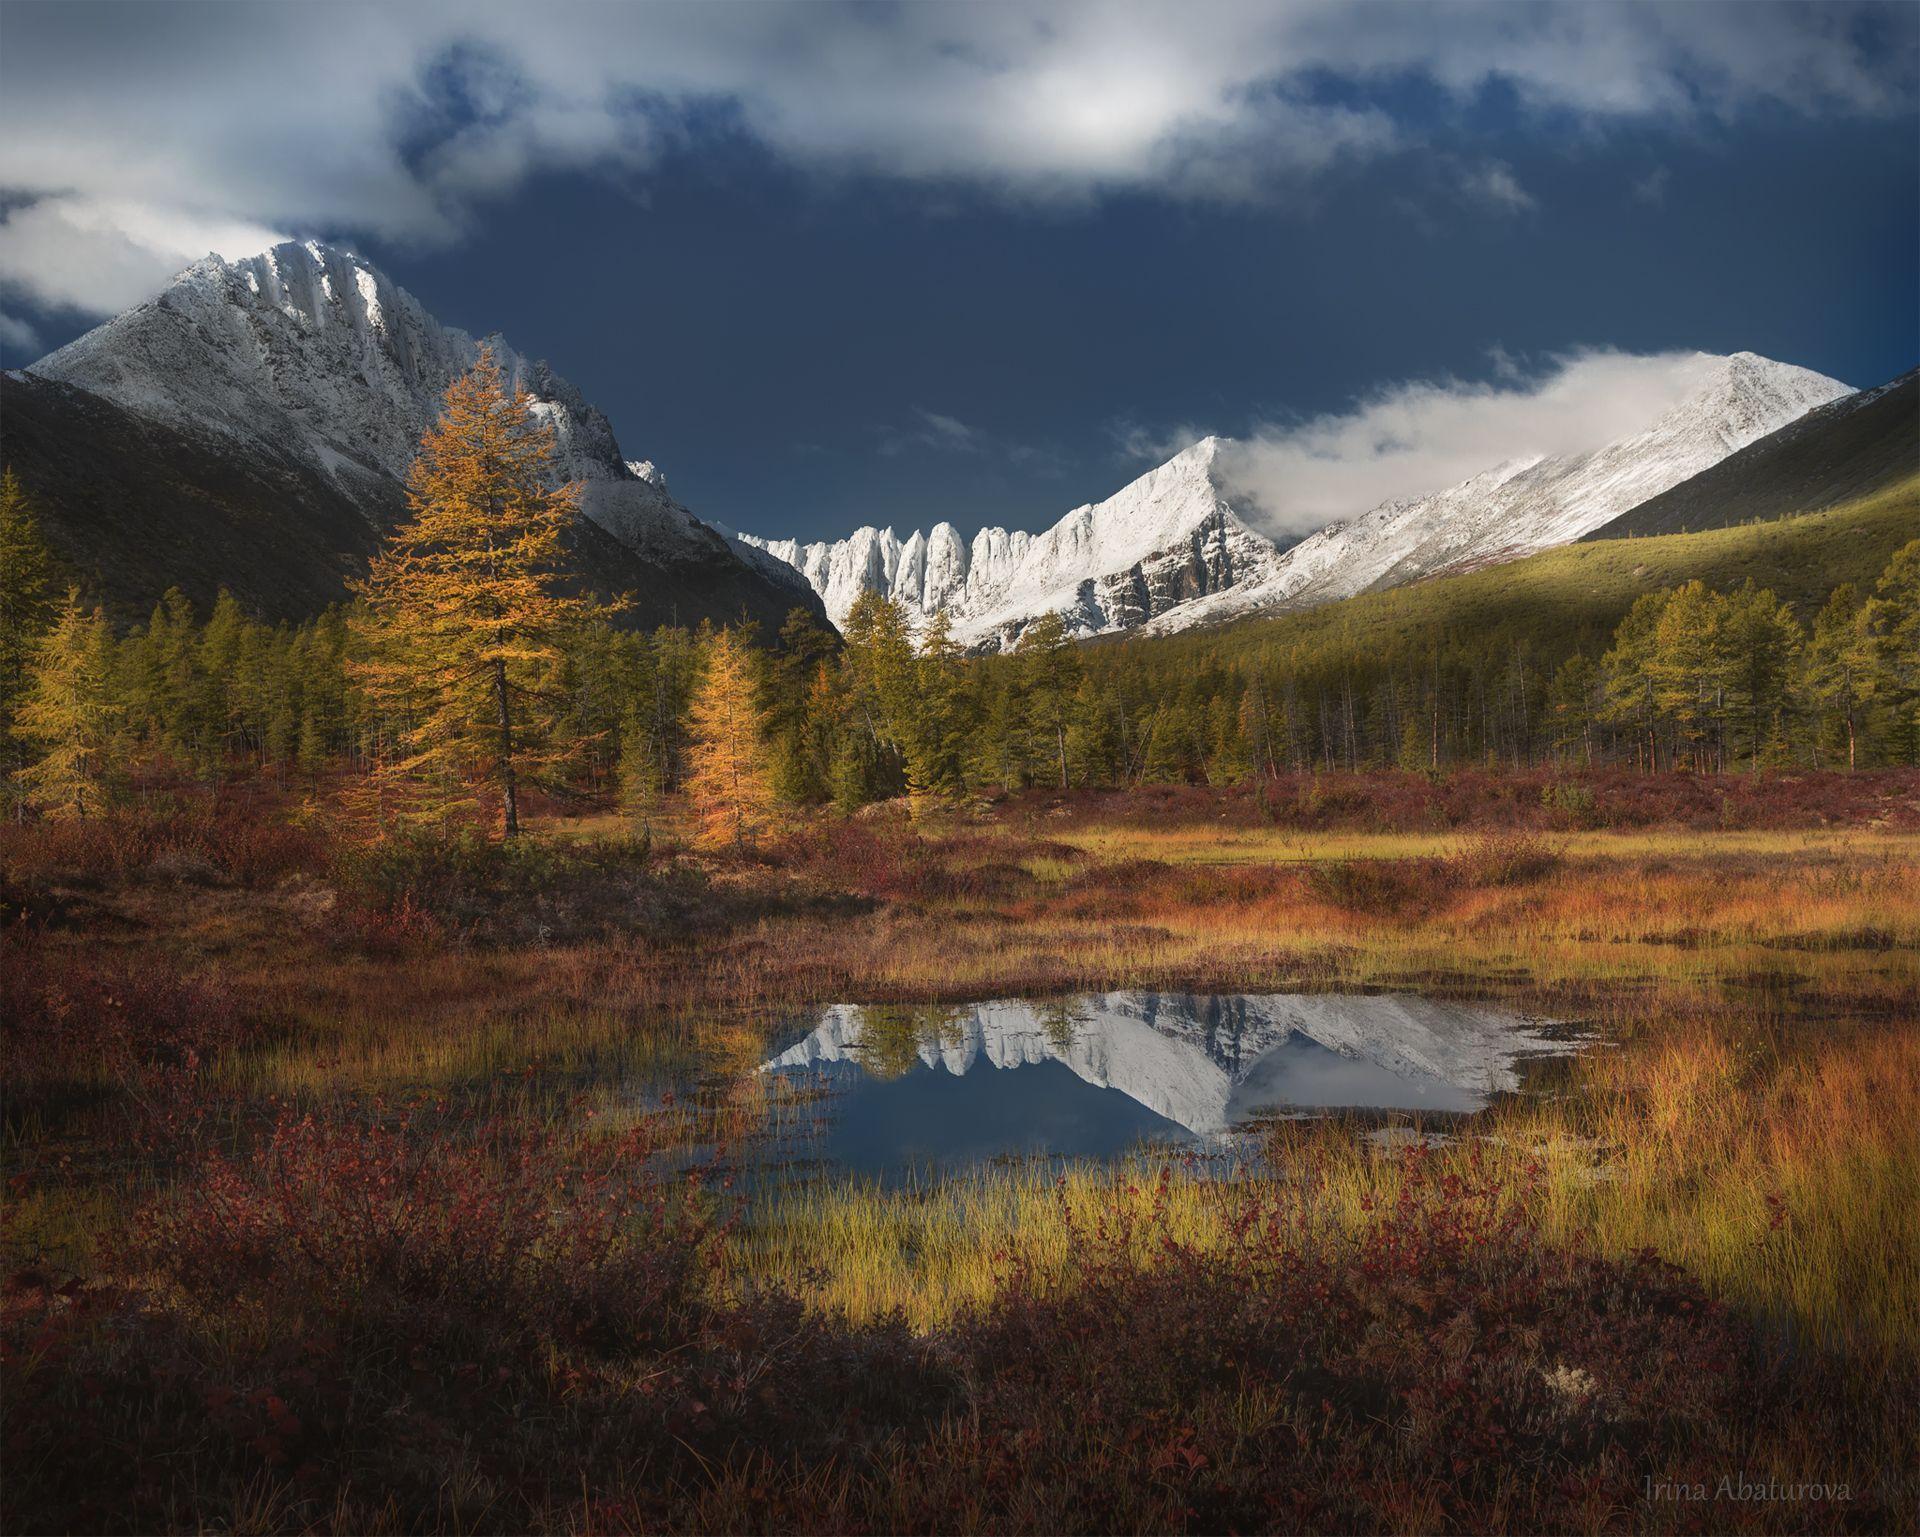 Колыма, Магадан, озеро Джека Лондона, осень, горы, отражение, Абатурова Ирина